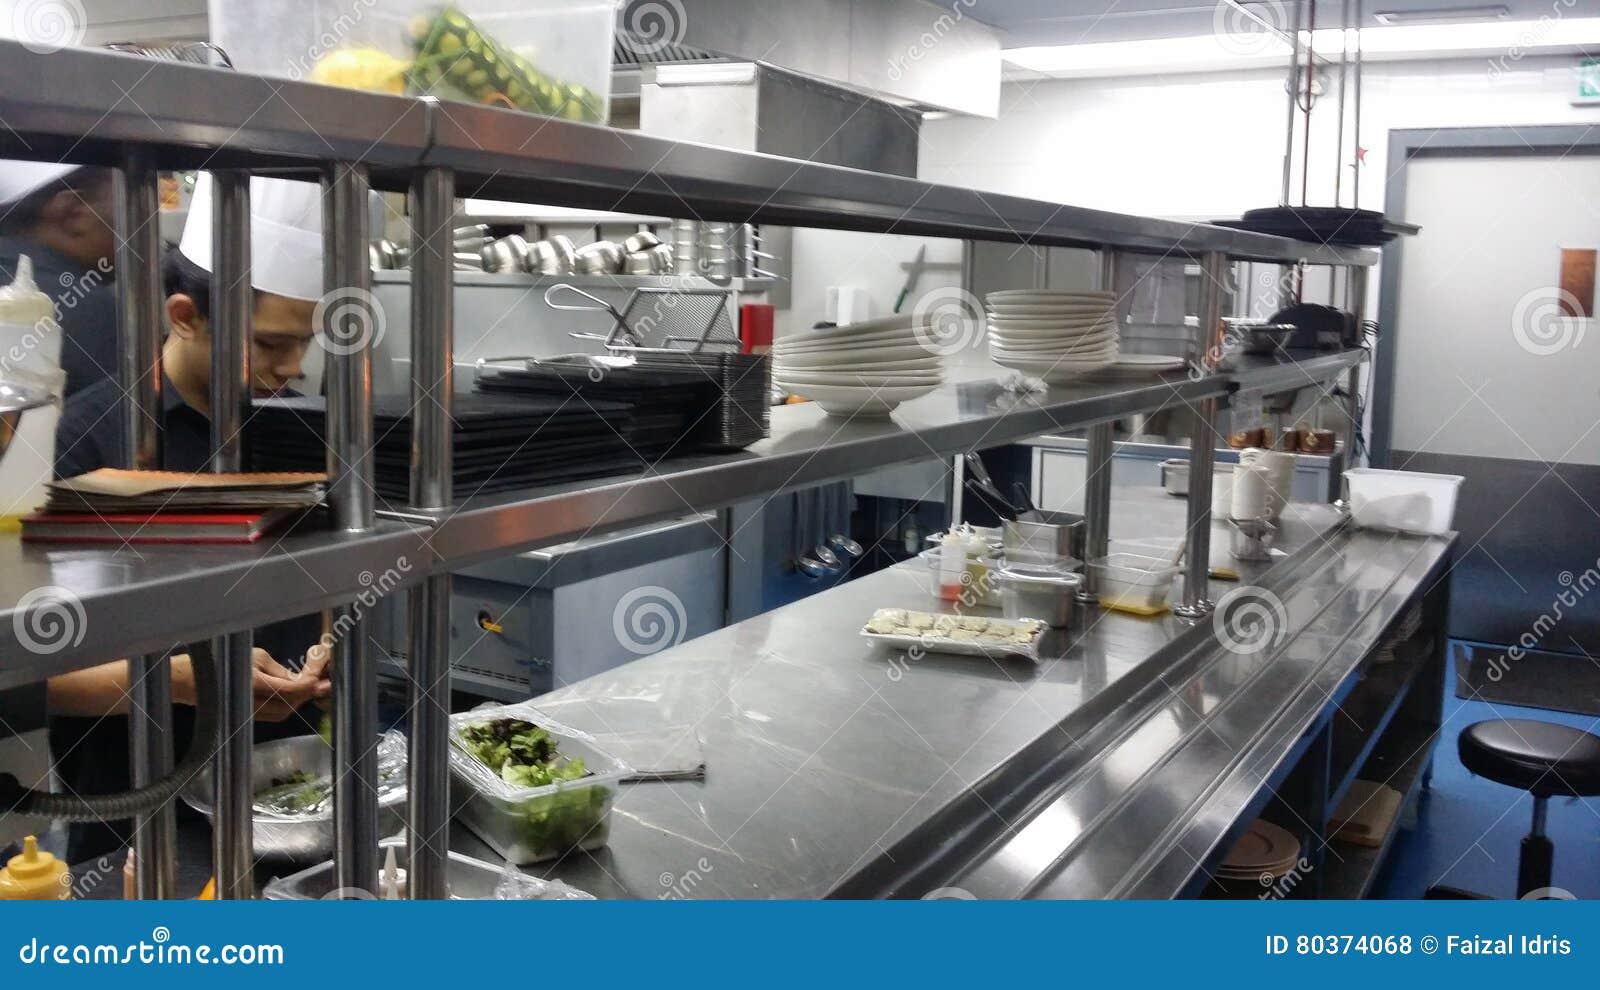 11 November 2016 Kuala Lumpur Die Moderne Hotel Küchen Ausrüstung